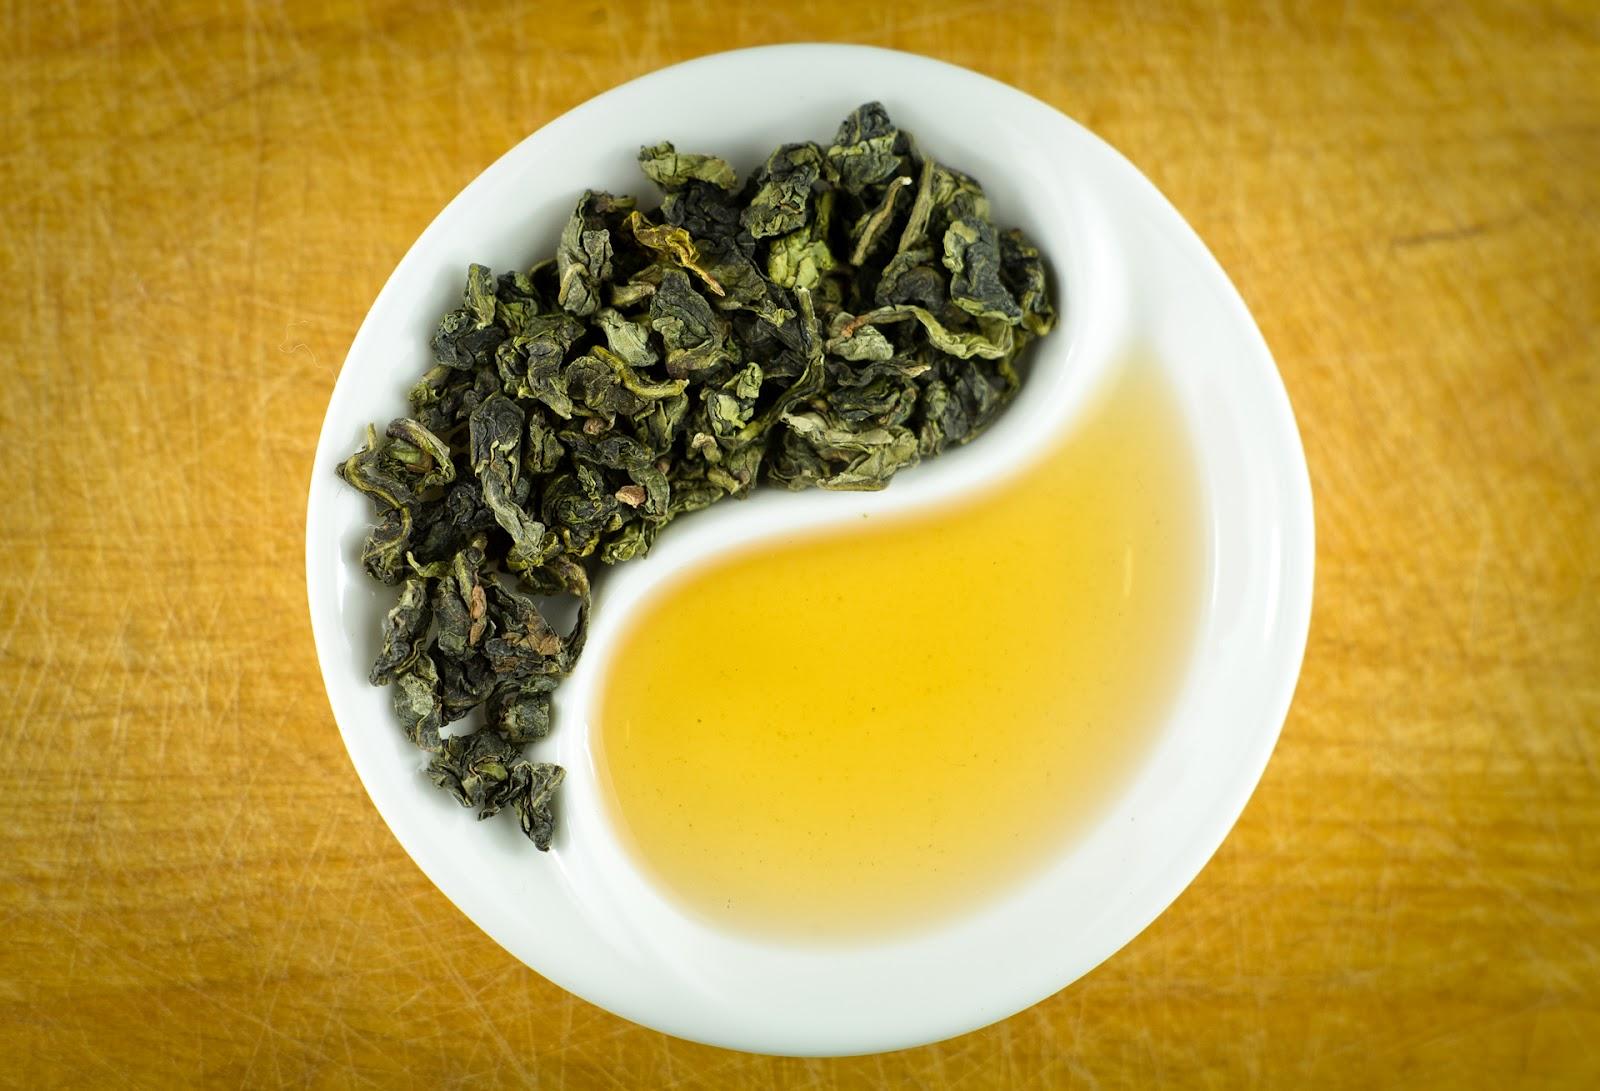 Как Пить Улун Чтобы Похудеть. Какие чаи помогают похудеть?